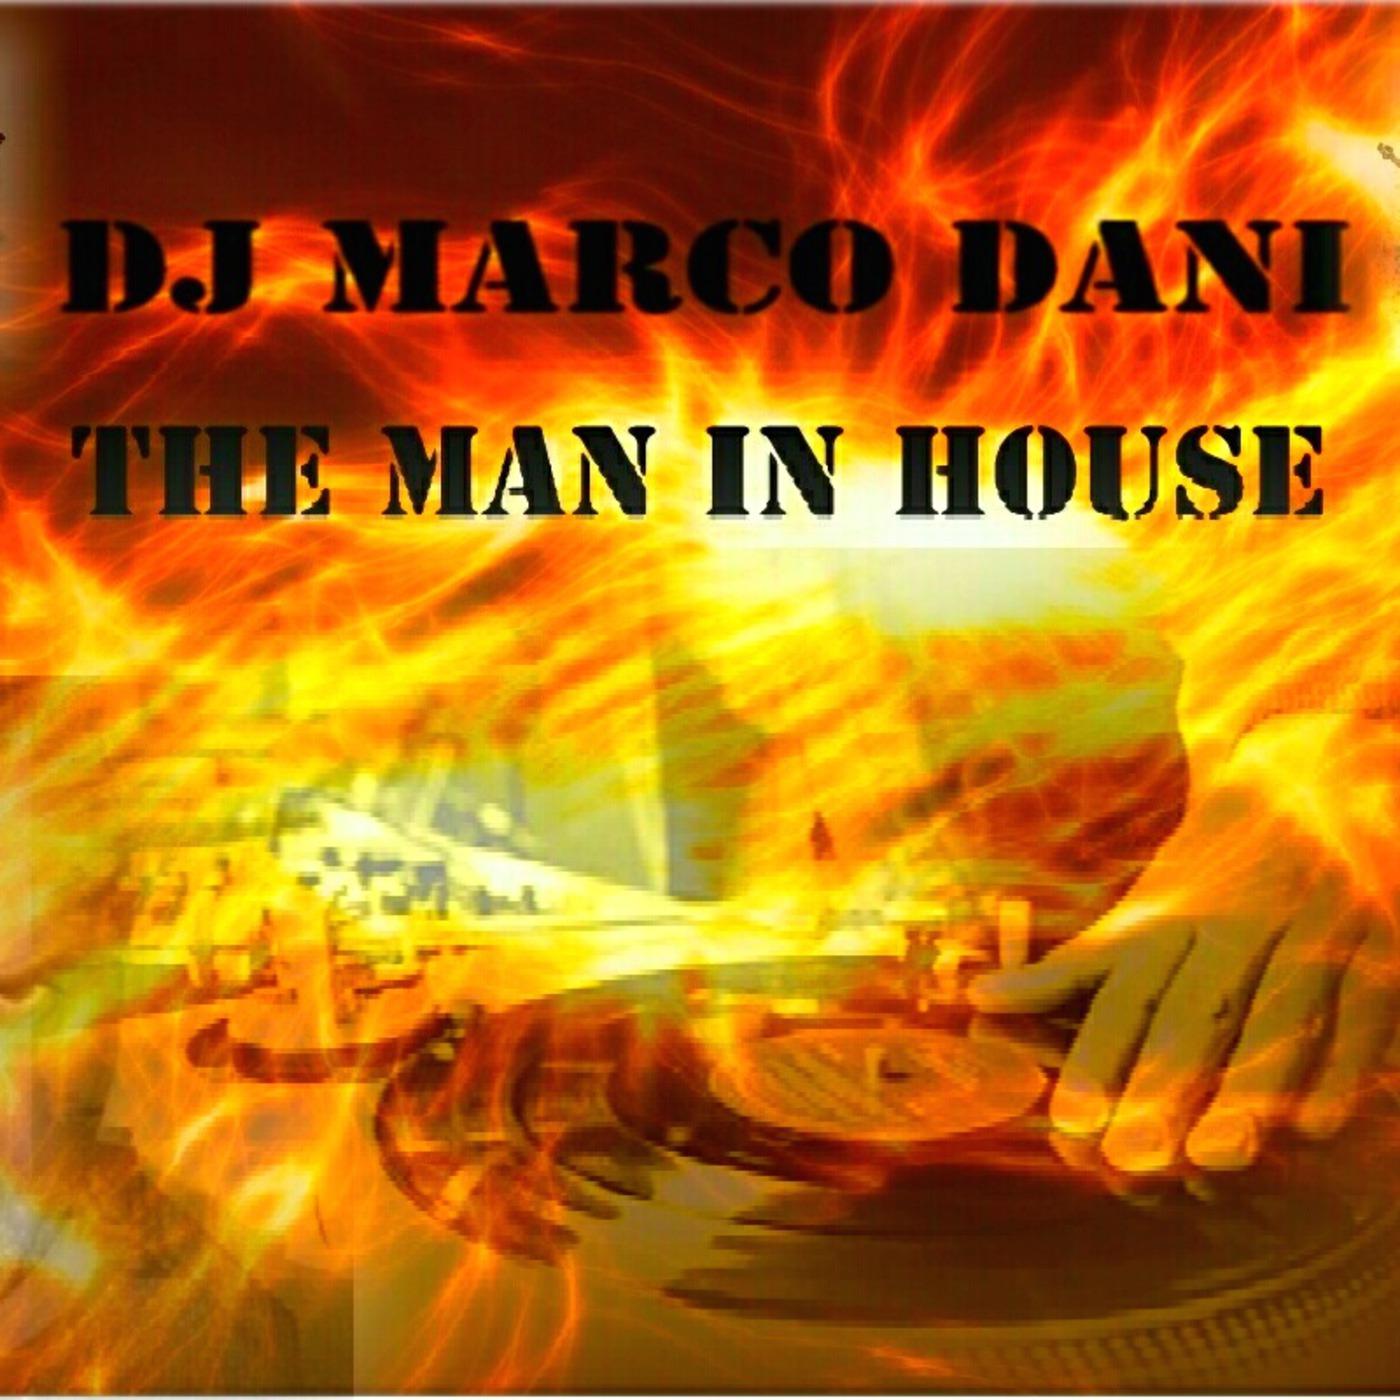 dj marco dani's Podcast